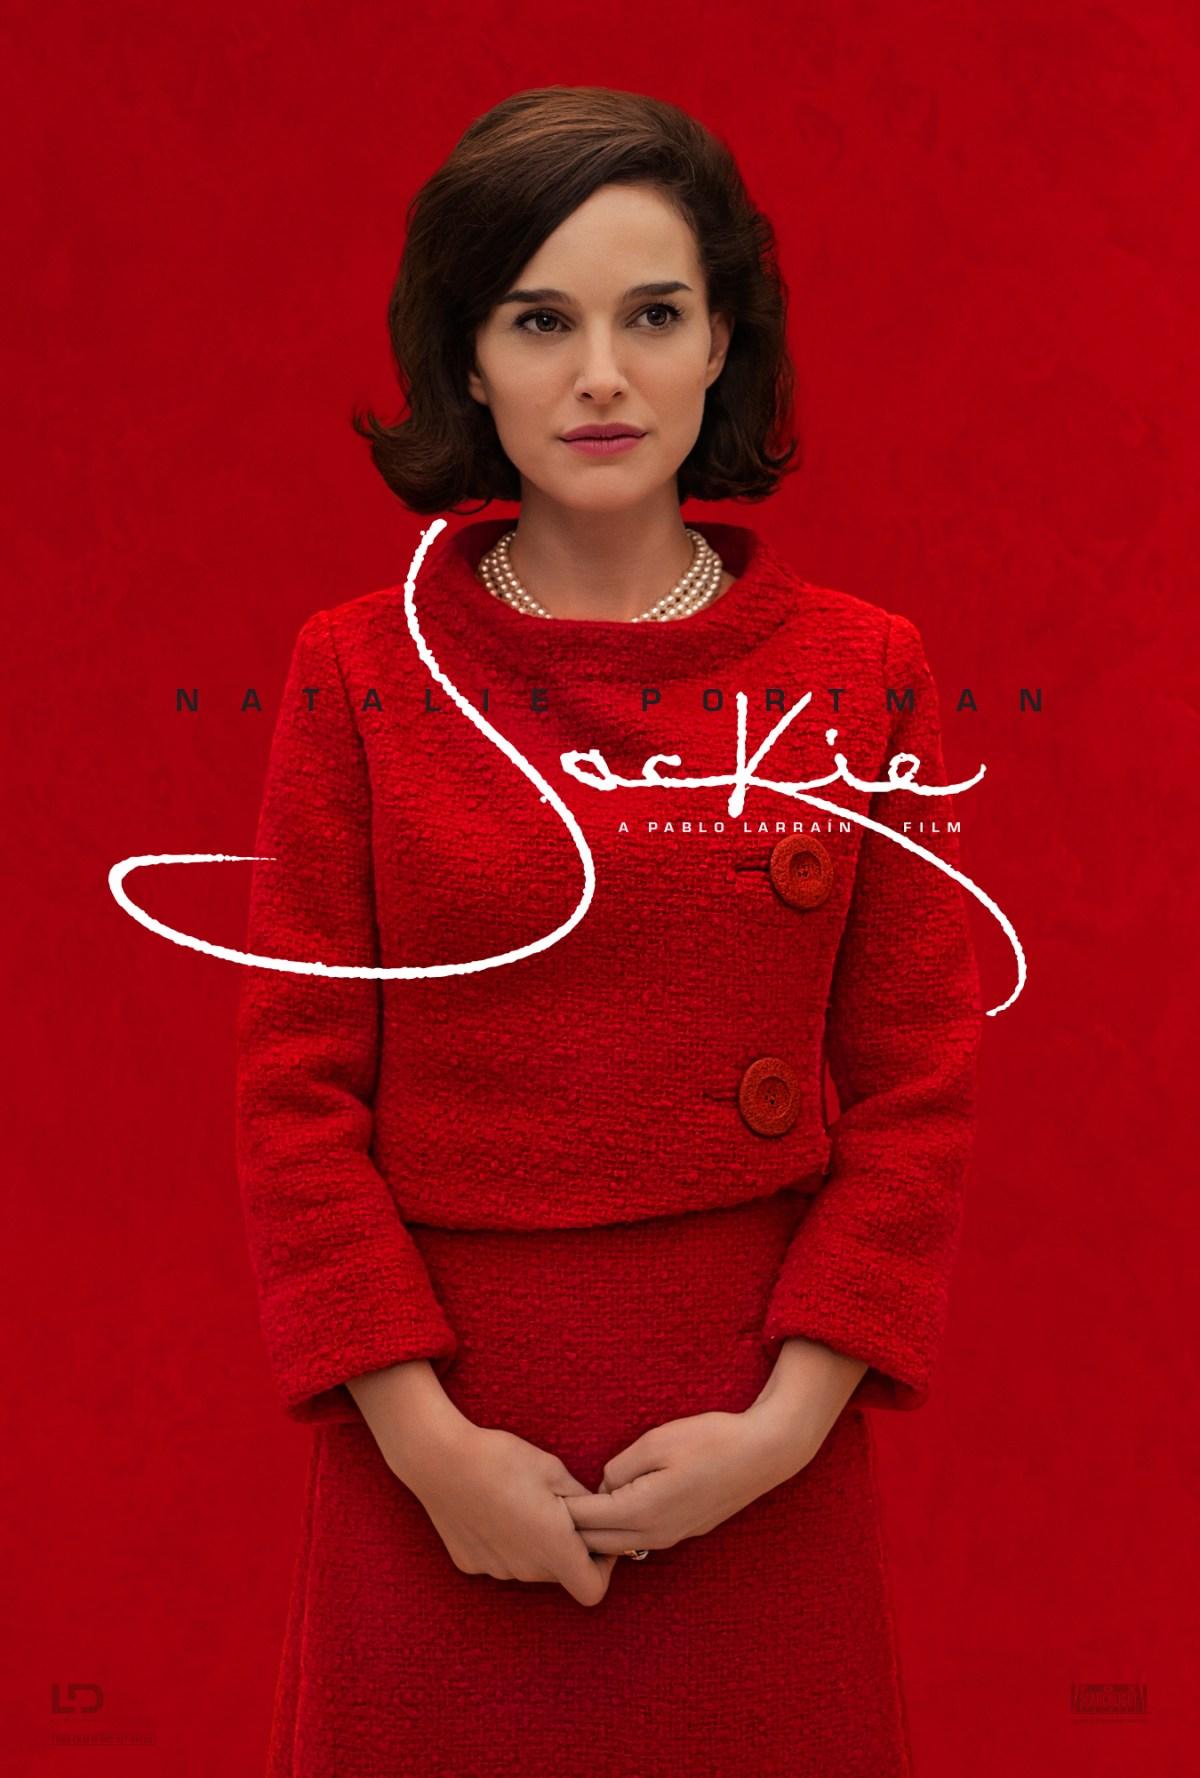 JACKIE_1Sheet_ONLINE_4R2_MoreRed.indd